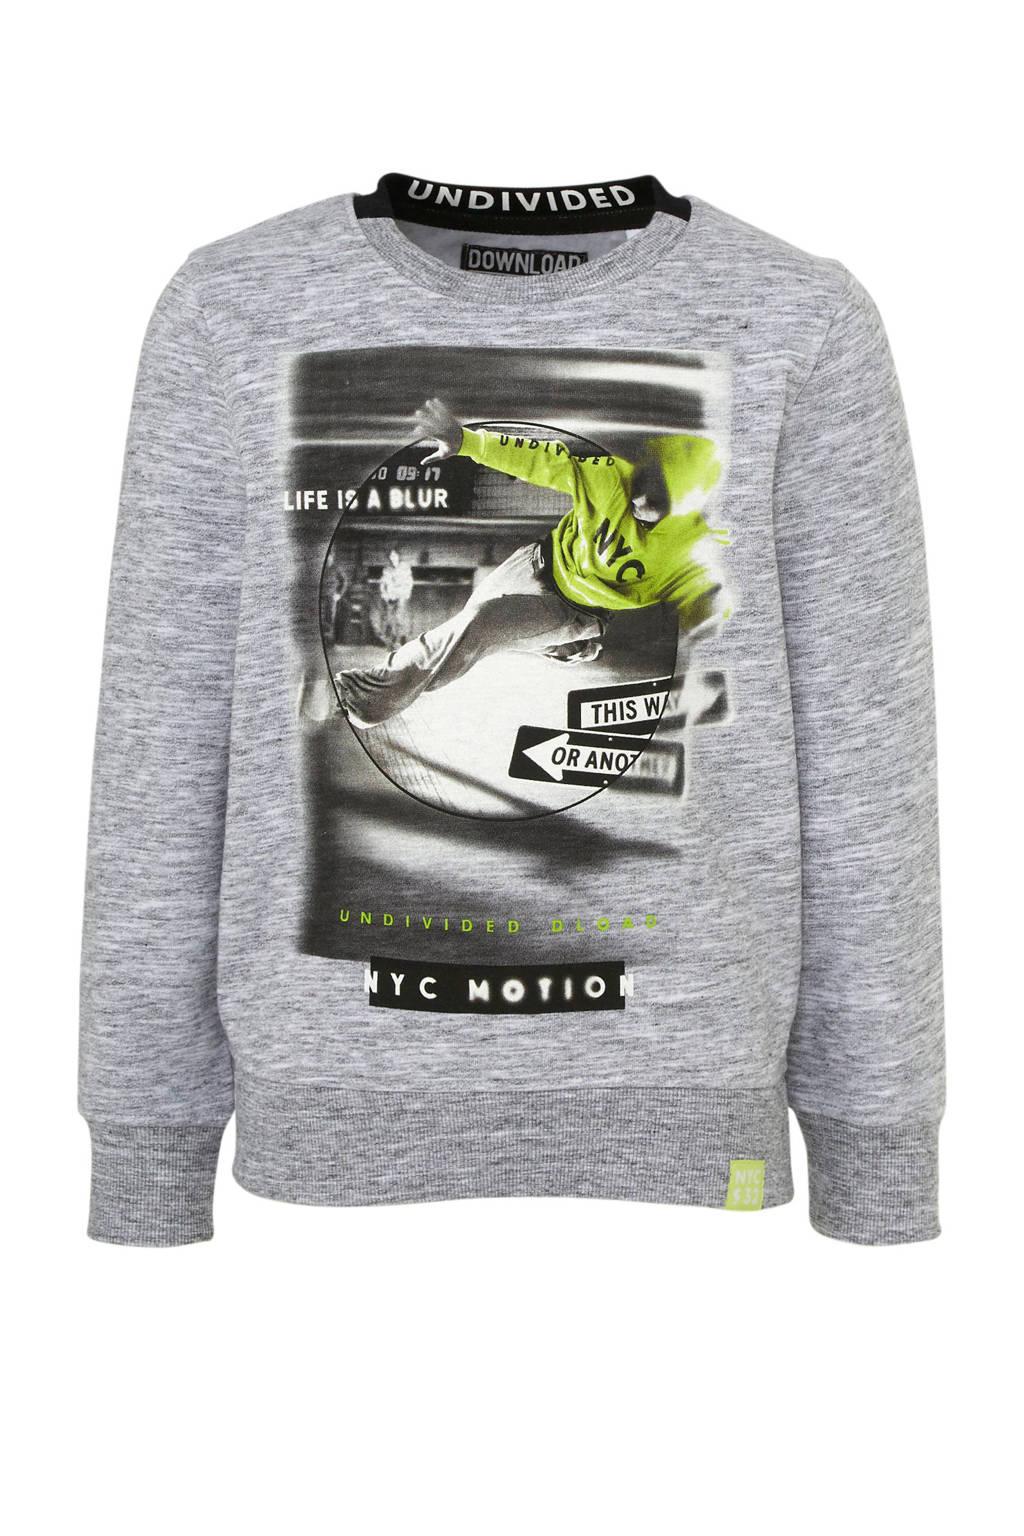 C&A Here & There sweater met printopdruk grijs melange, Grijs melange